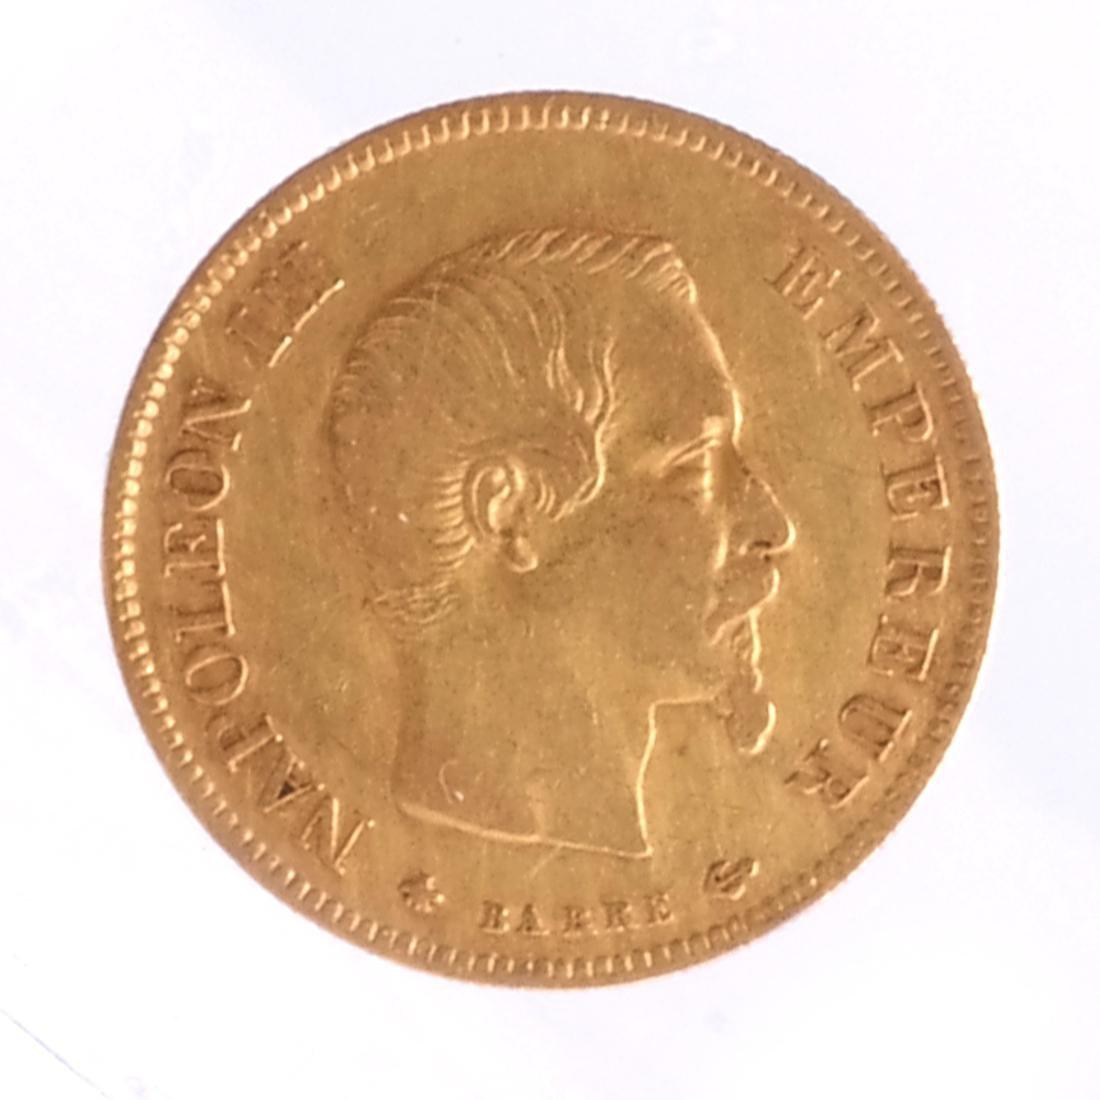 1858 10 Francs, France, Gold.